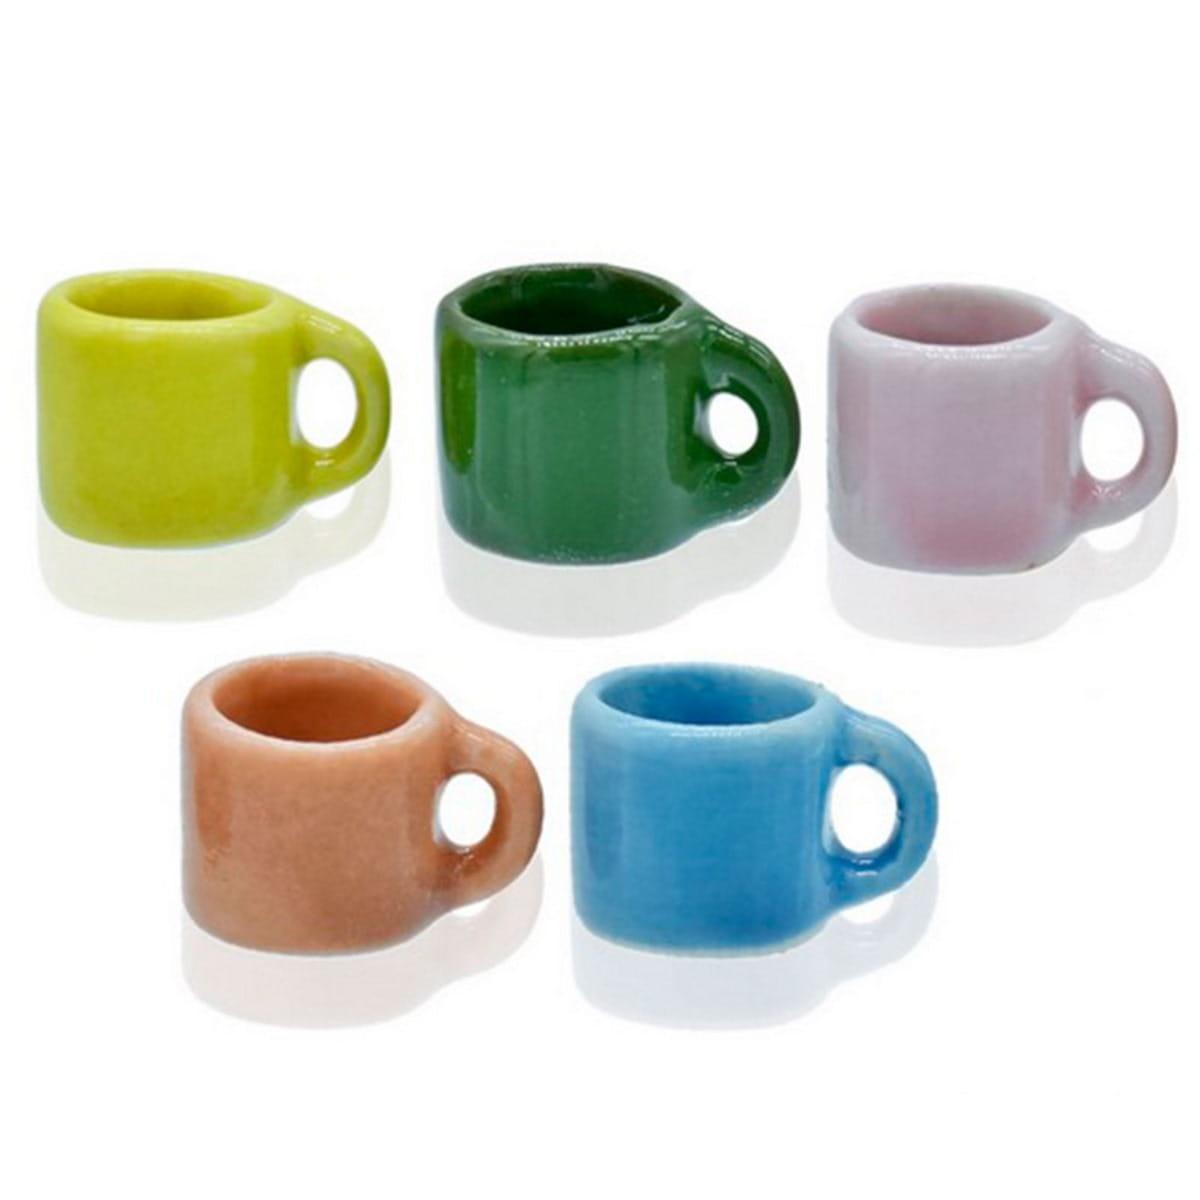 Miniature Ceramic Mini Cup